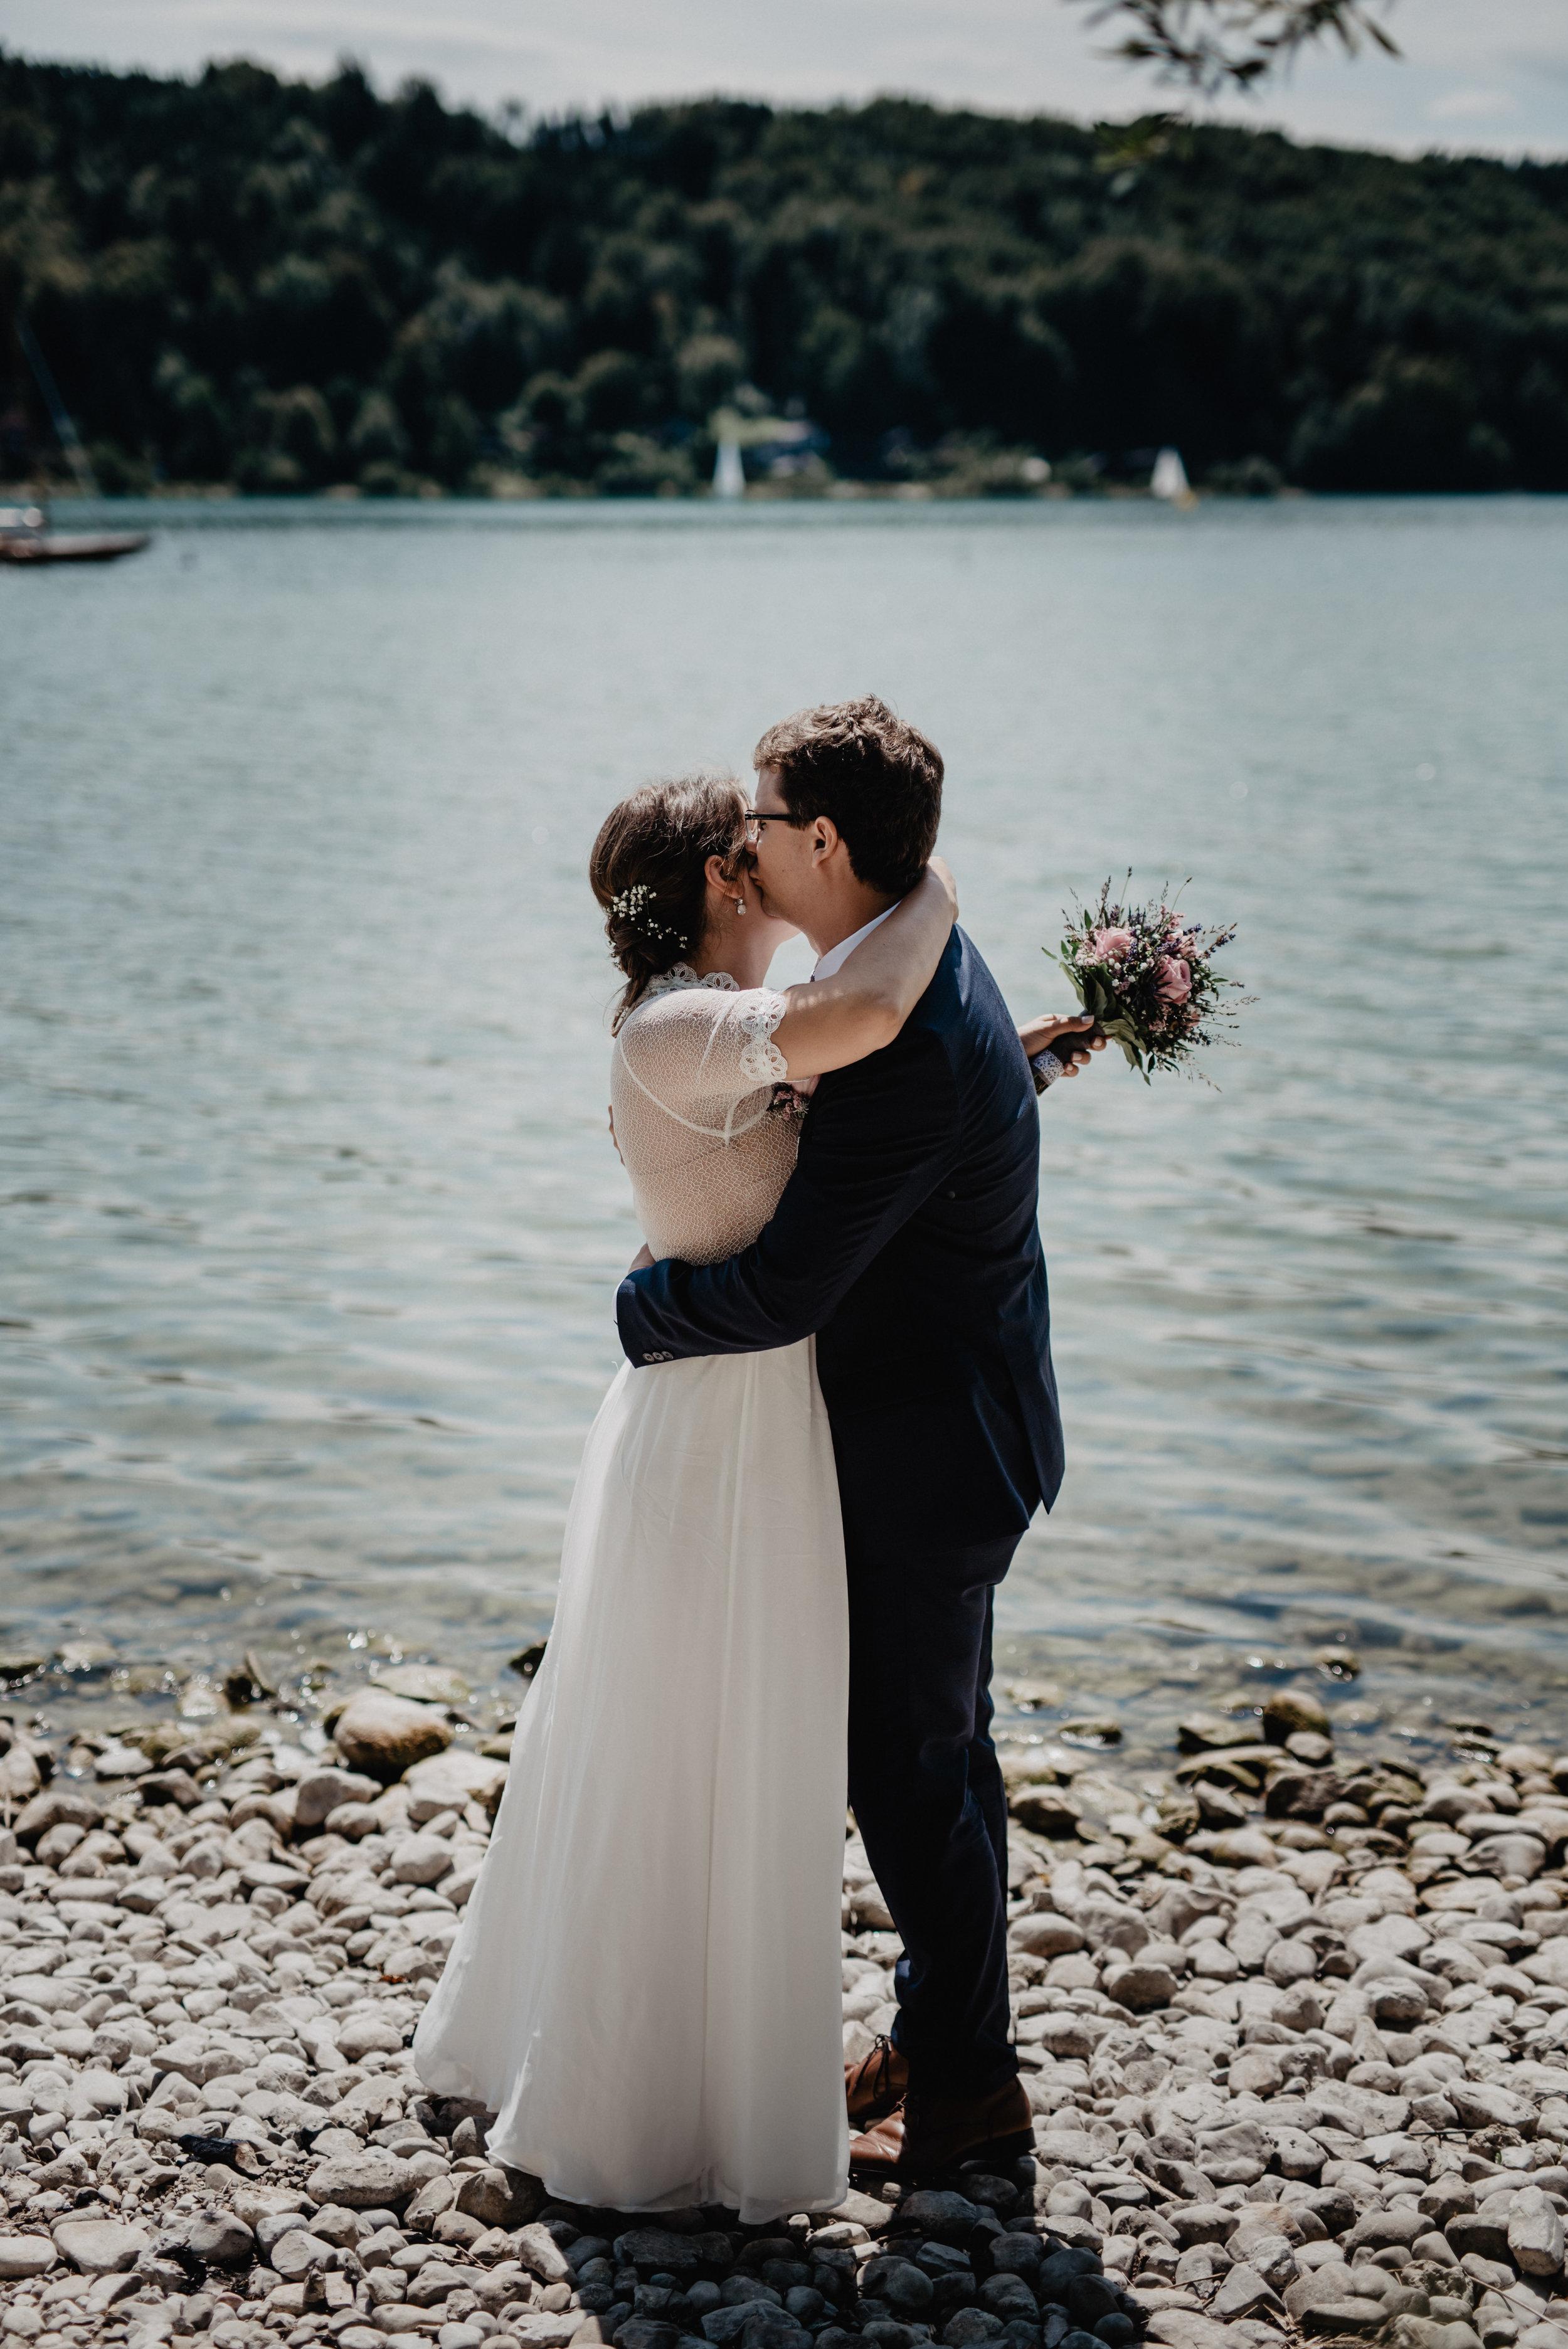 Hochzeit Salzburg Mirabell - Miss Freckles Photography (39 von 49).jpg